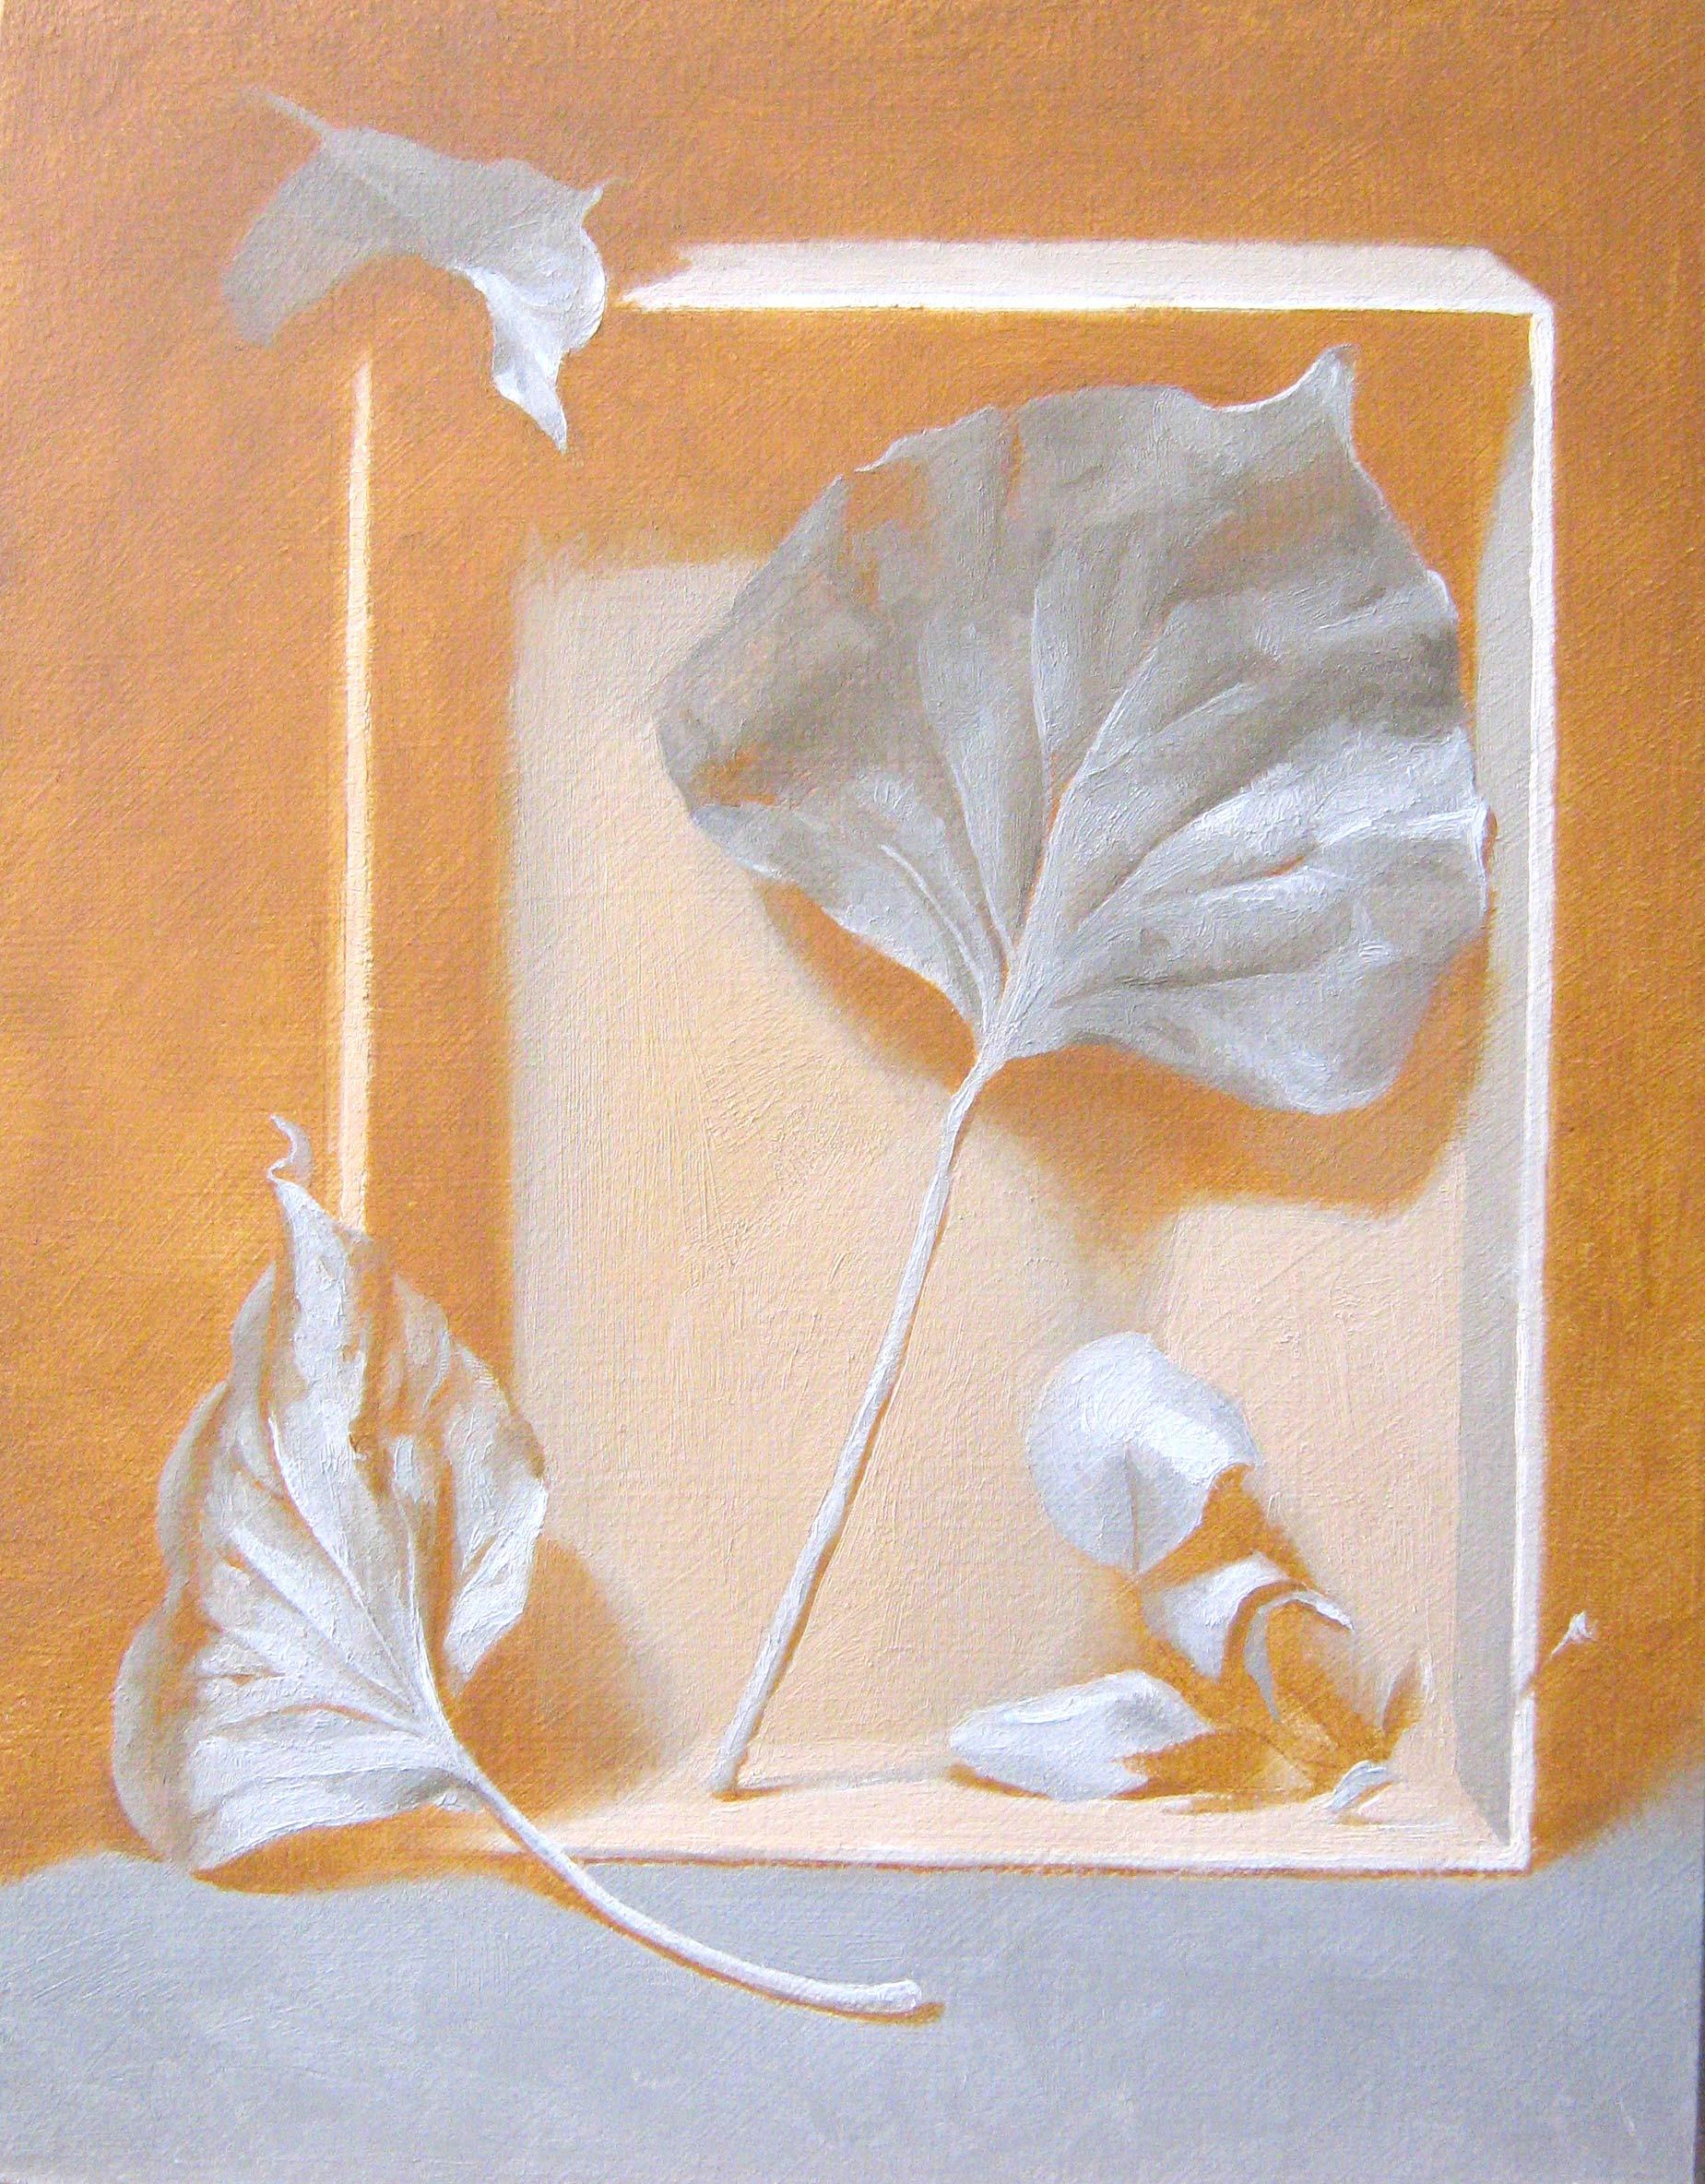 Leaves_underpainting_scrn.jpg